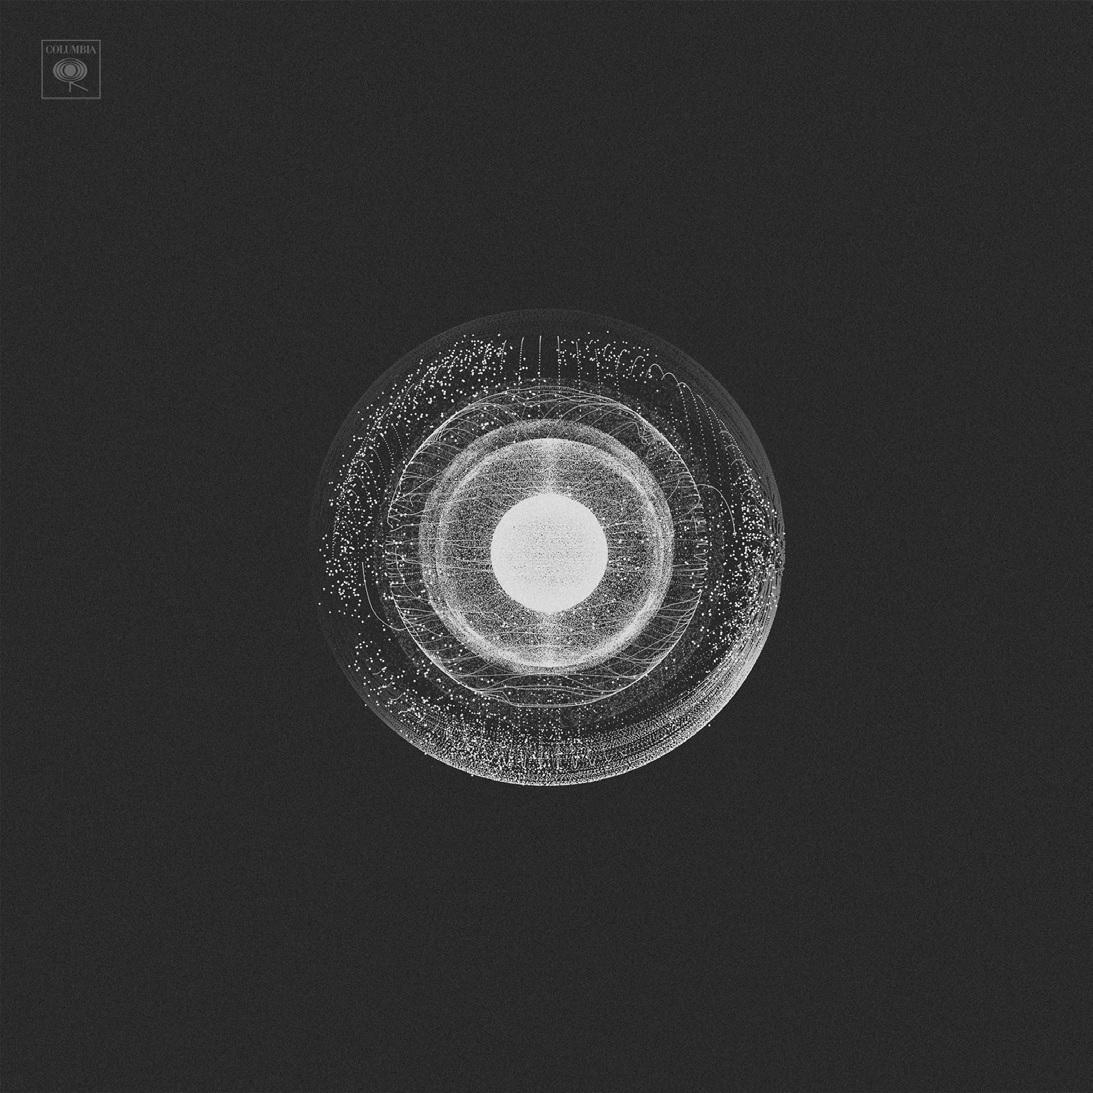 Alter Echo - Dizzy Mizz Lizzy - Musik - SONY MUSIC - 0194397196627 - 20/3-2020